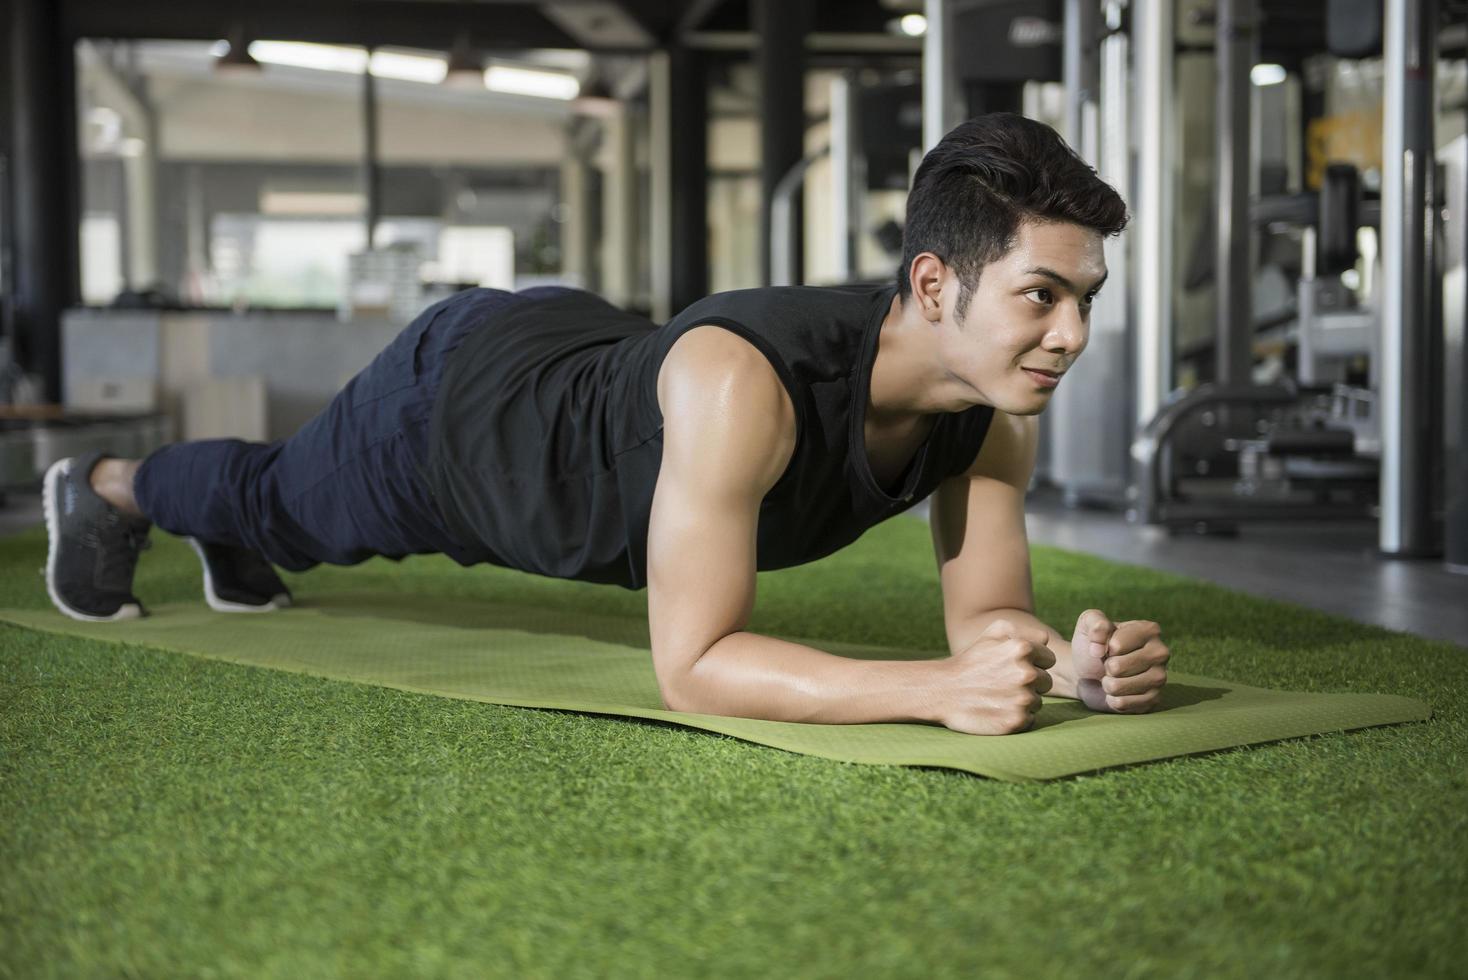 homem em prancha de ioga posar no ginásio foto